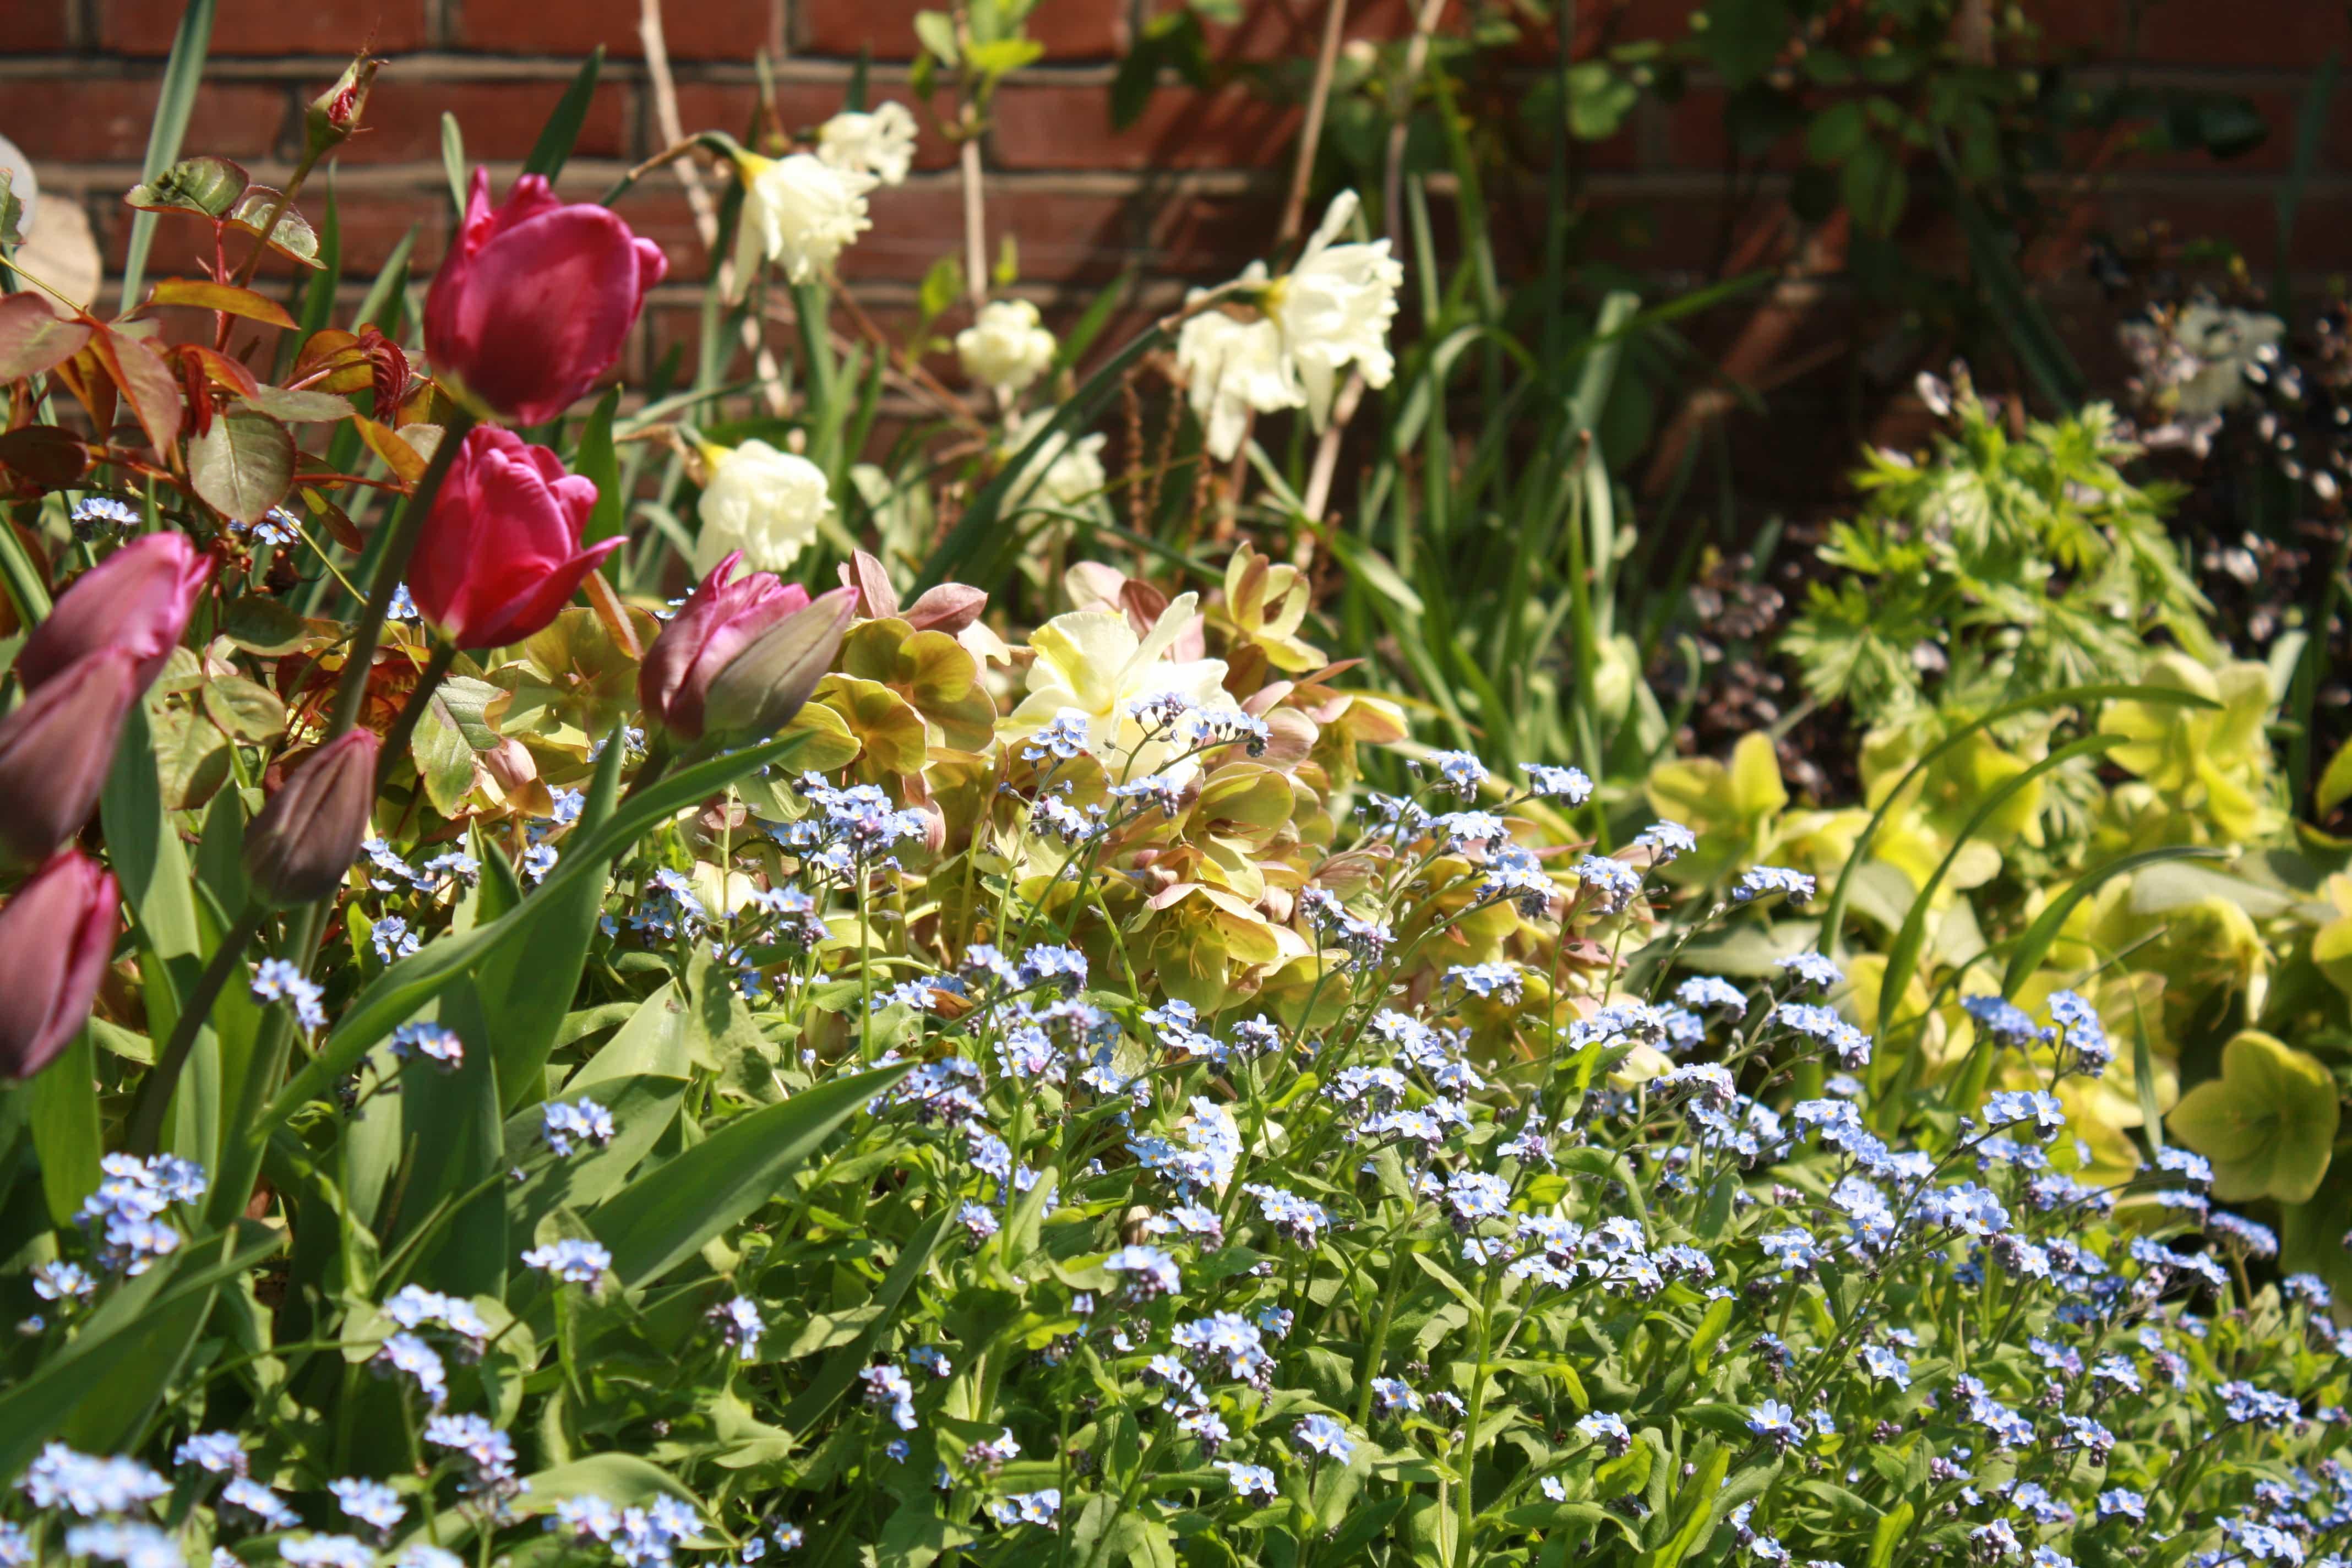 greenwich garden spring flowers